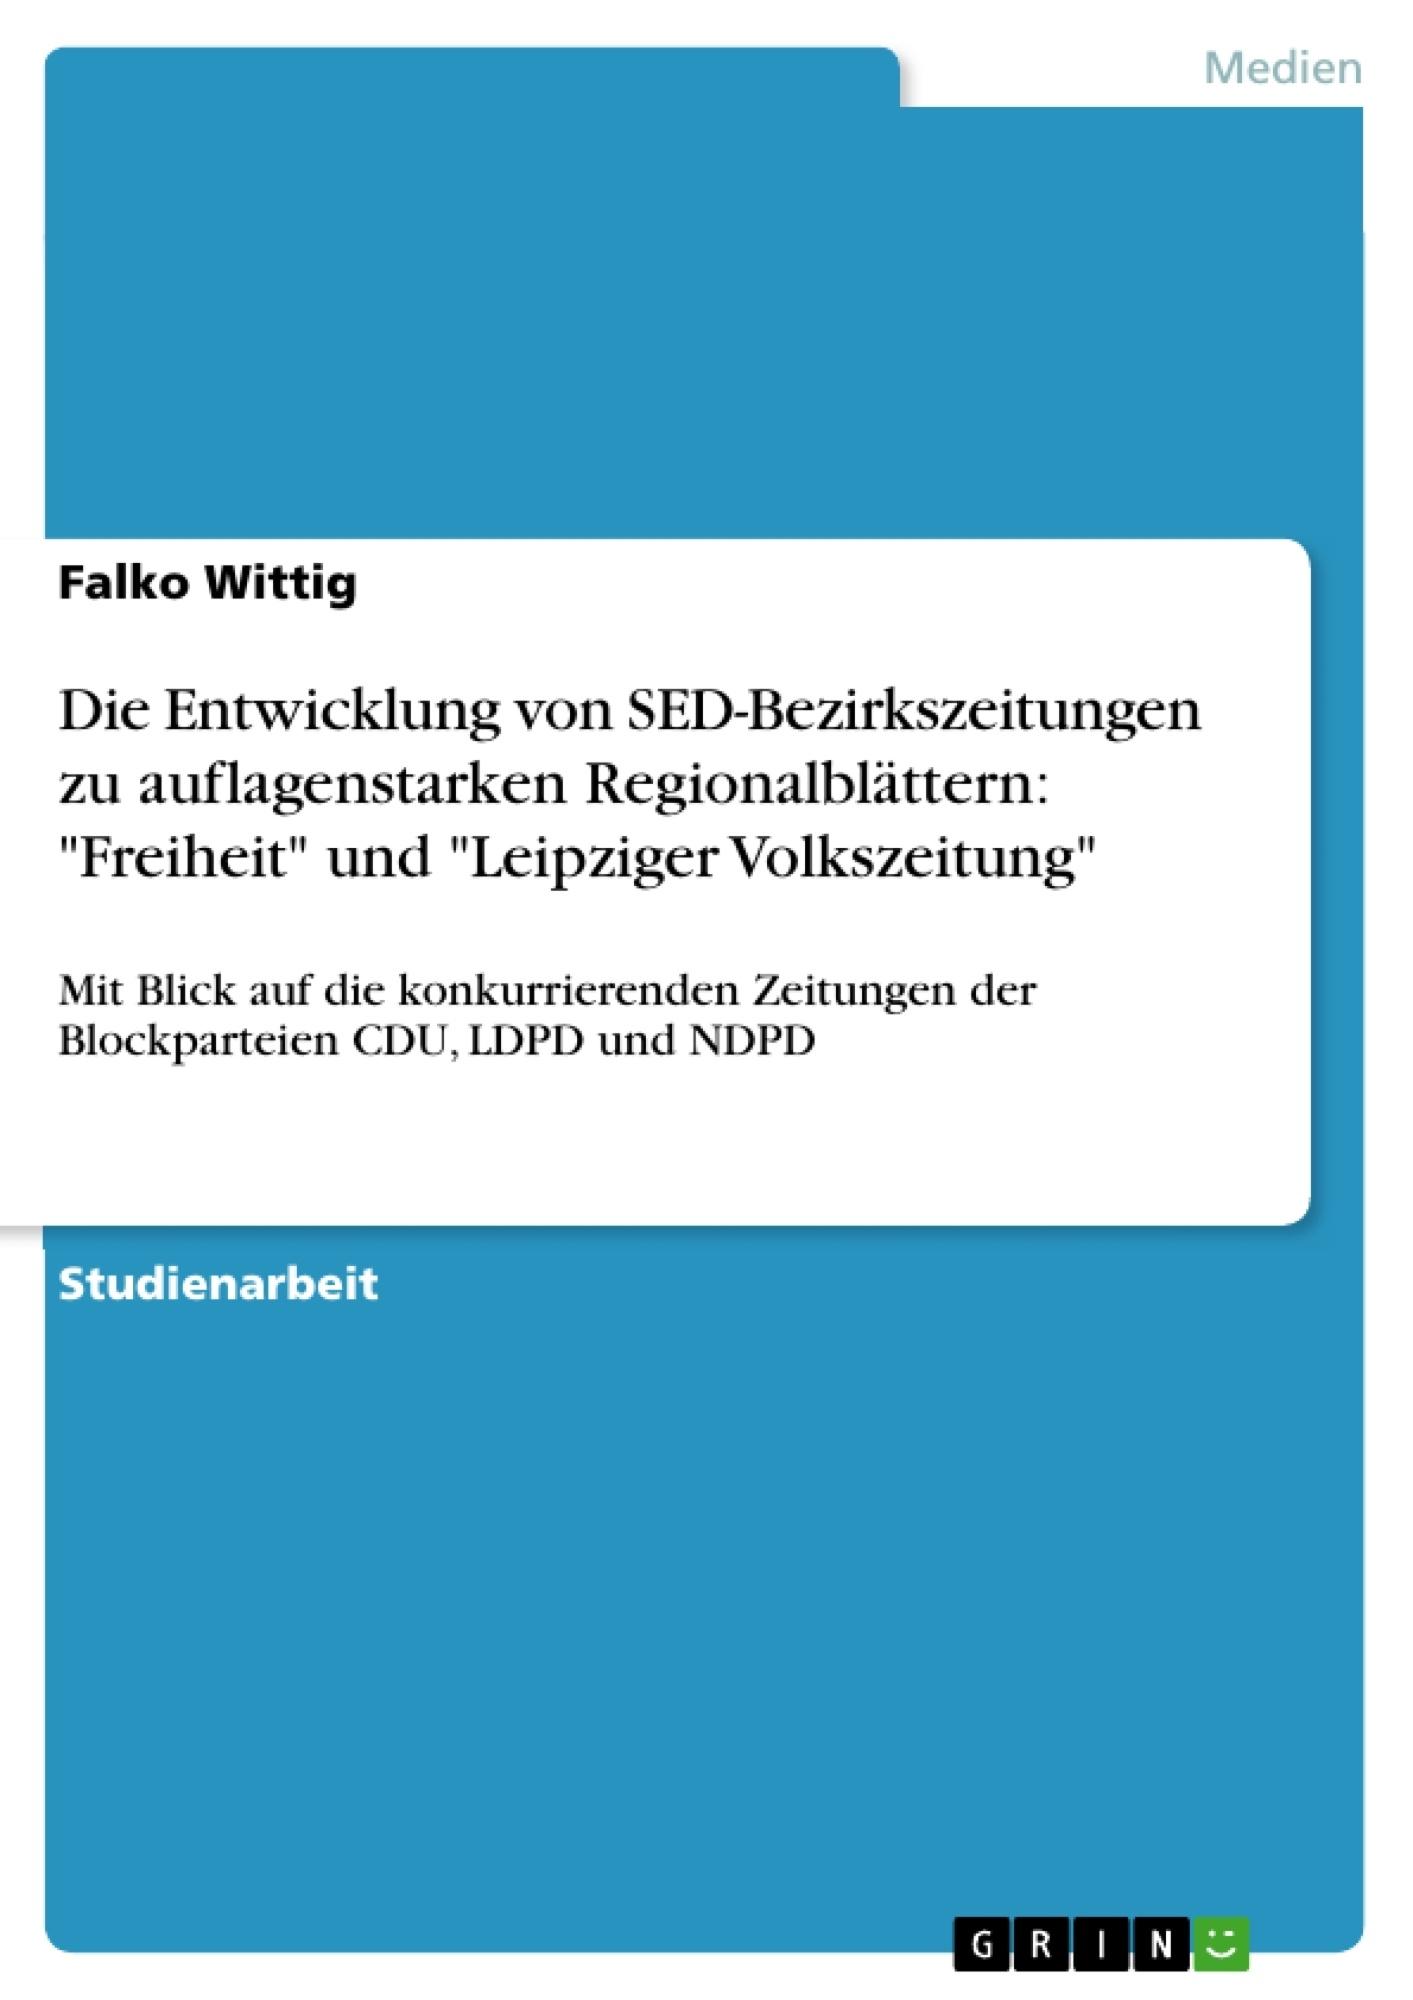 """Titel: Die Entwicklung von SED-Bezirkszeitungen zu auflagenstarken Regionalblättern: """"Freiheit"""" und """"Leipziger Volkszeitung"""""""